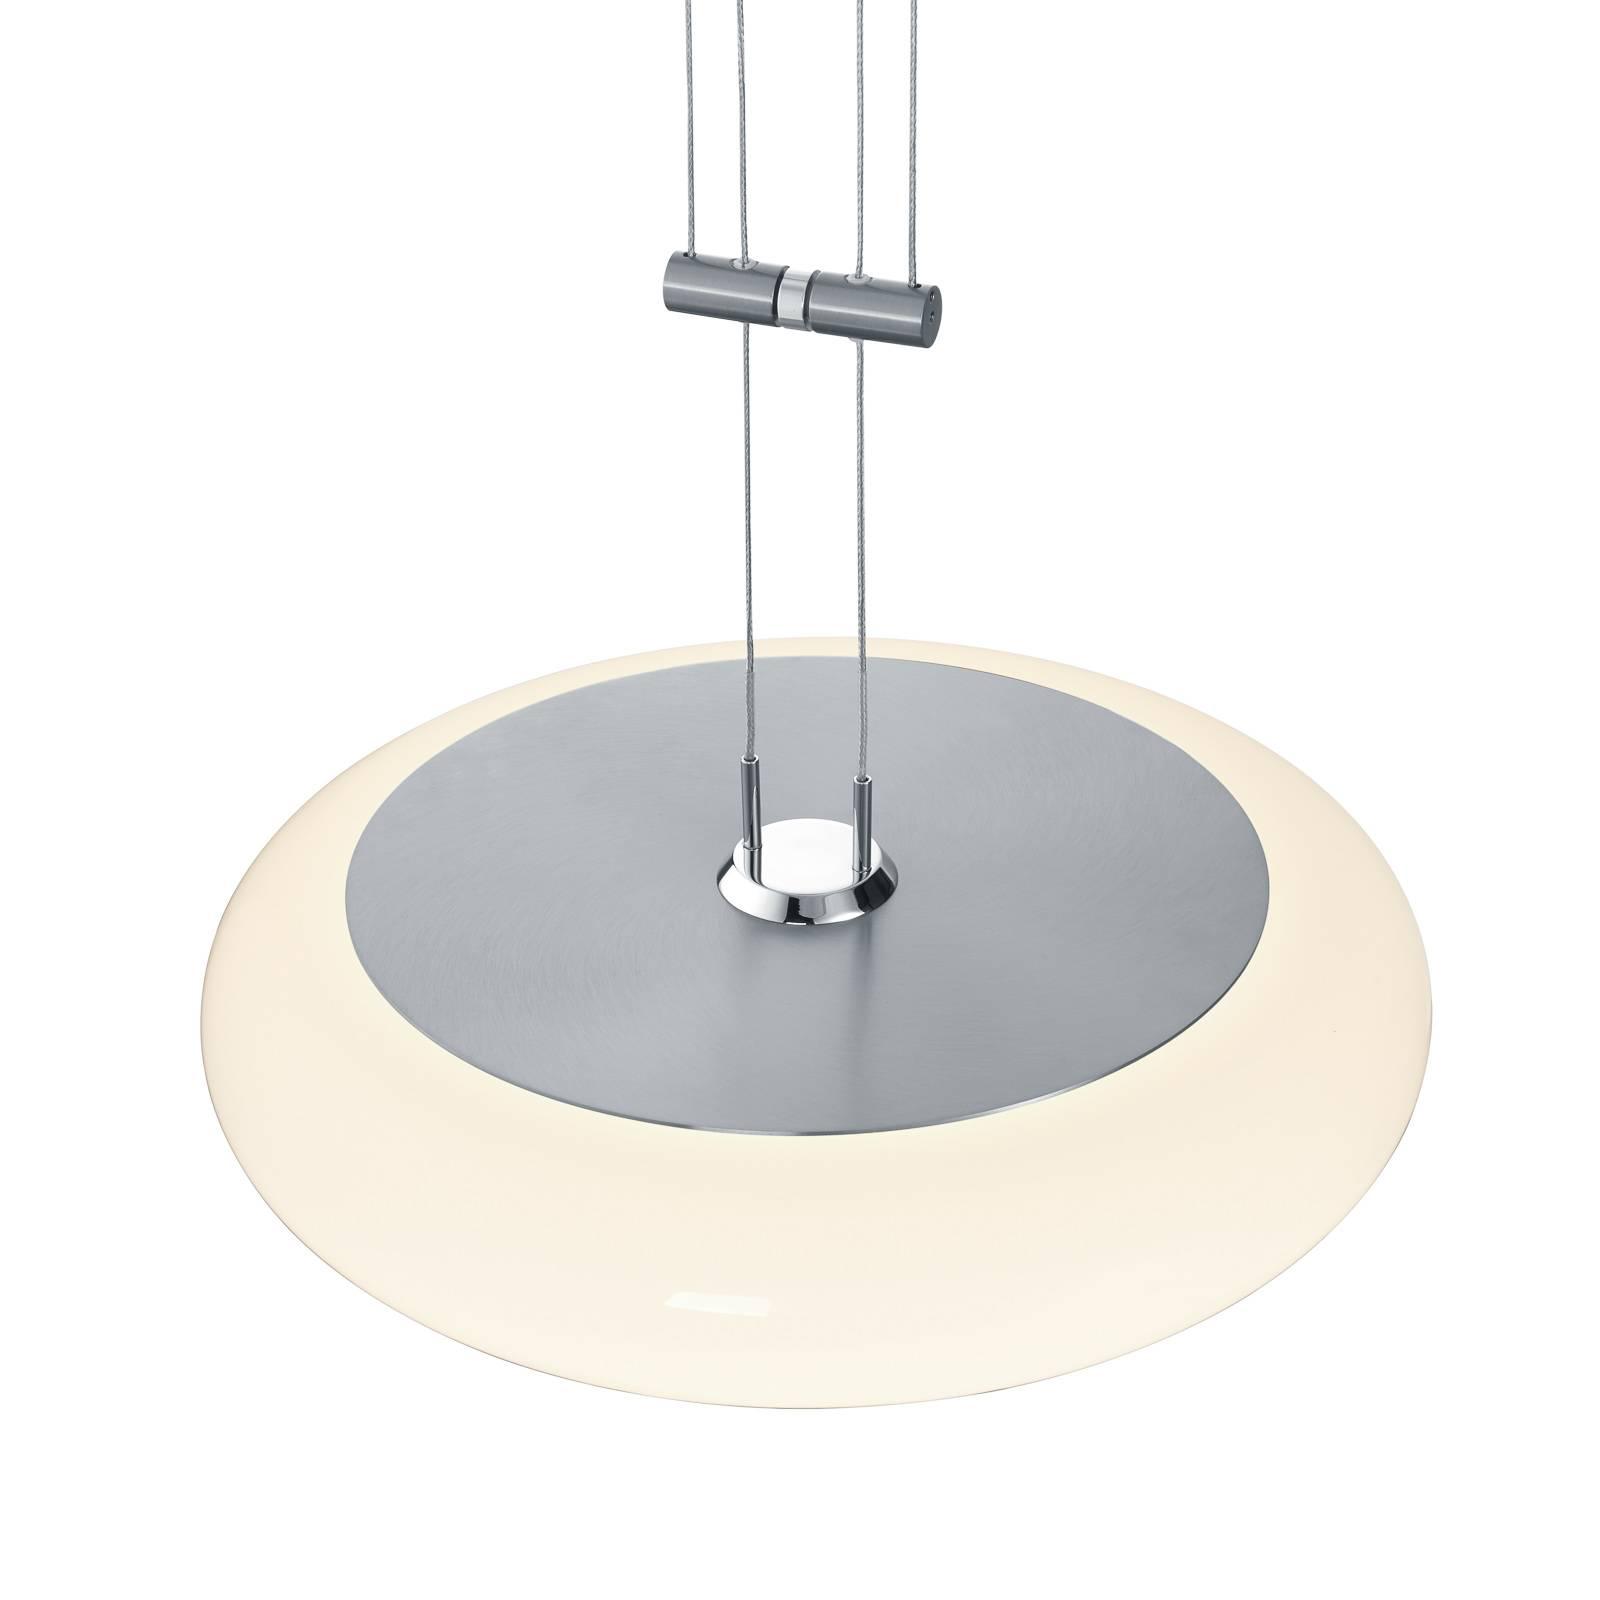 BANKAMP Centa hanglamp 1-lamp 34 cm nikkel